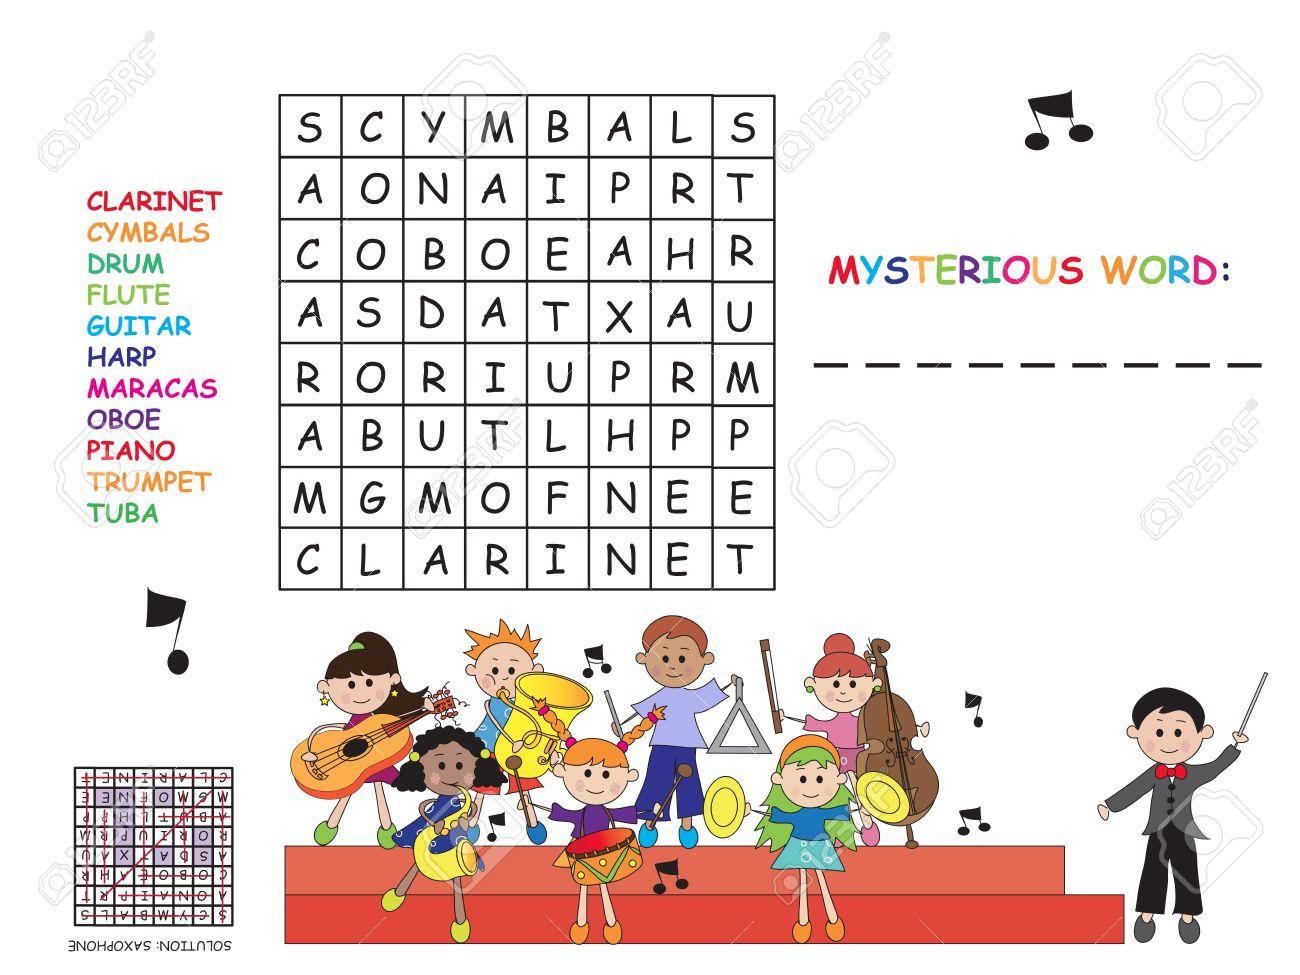 Jeux Pour Les Enfants: Mots Croisés Facile encequiconcerne Jeux Mots Croisés Facile